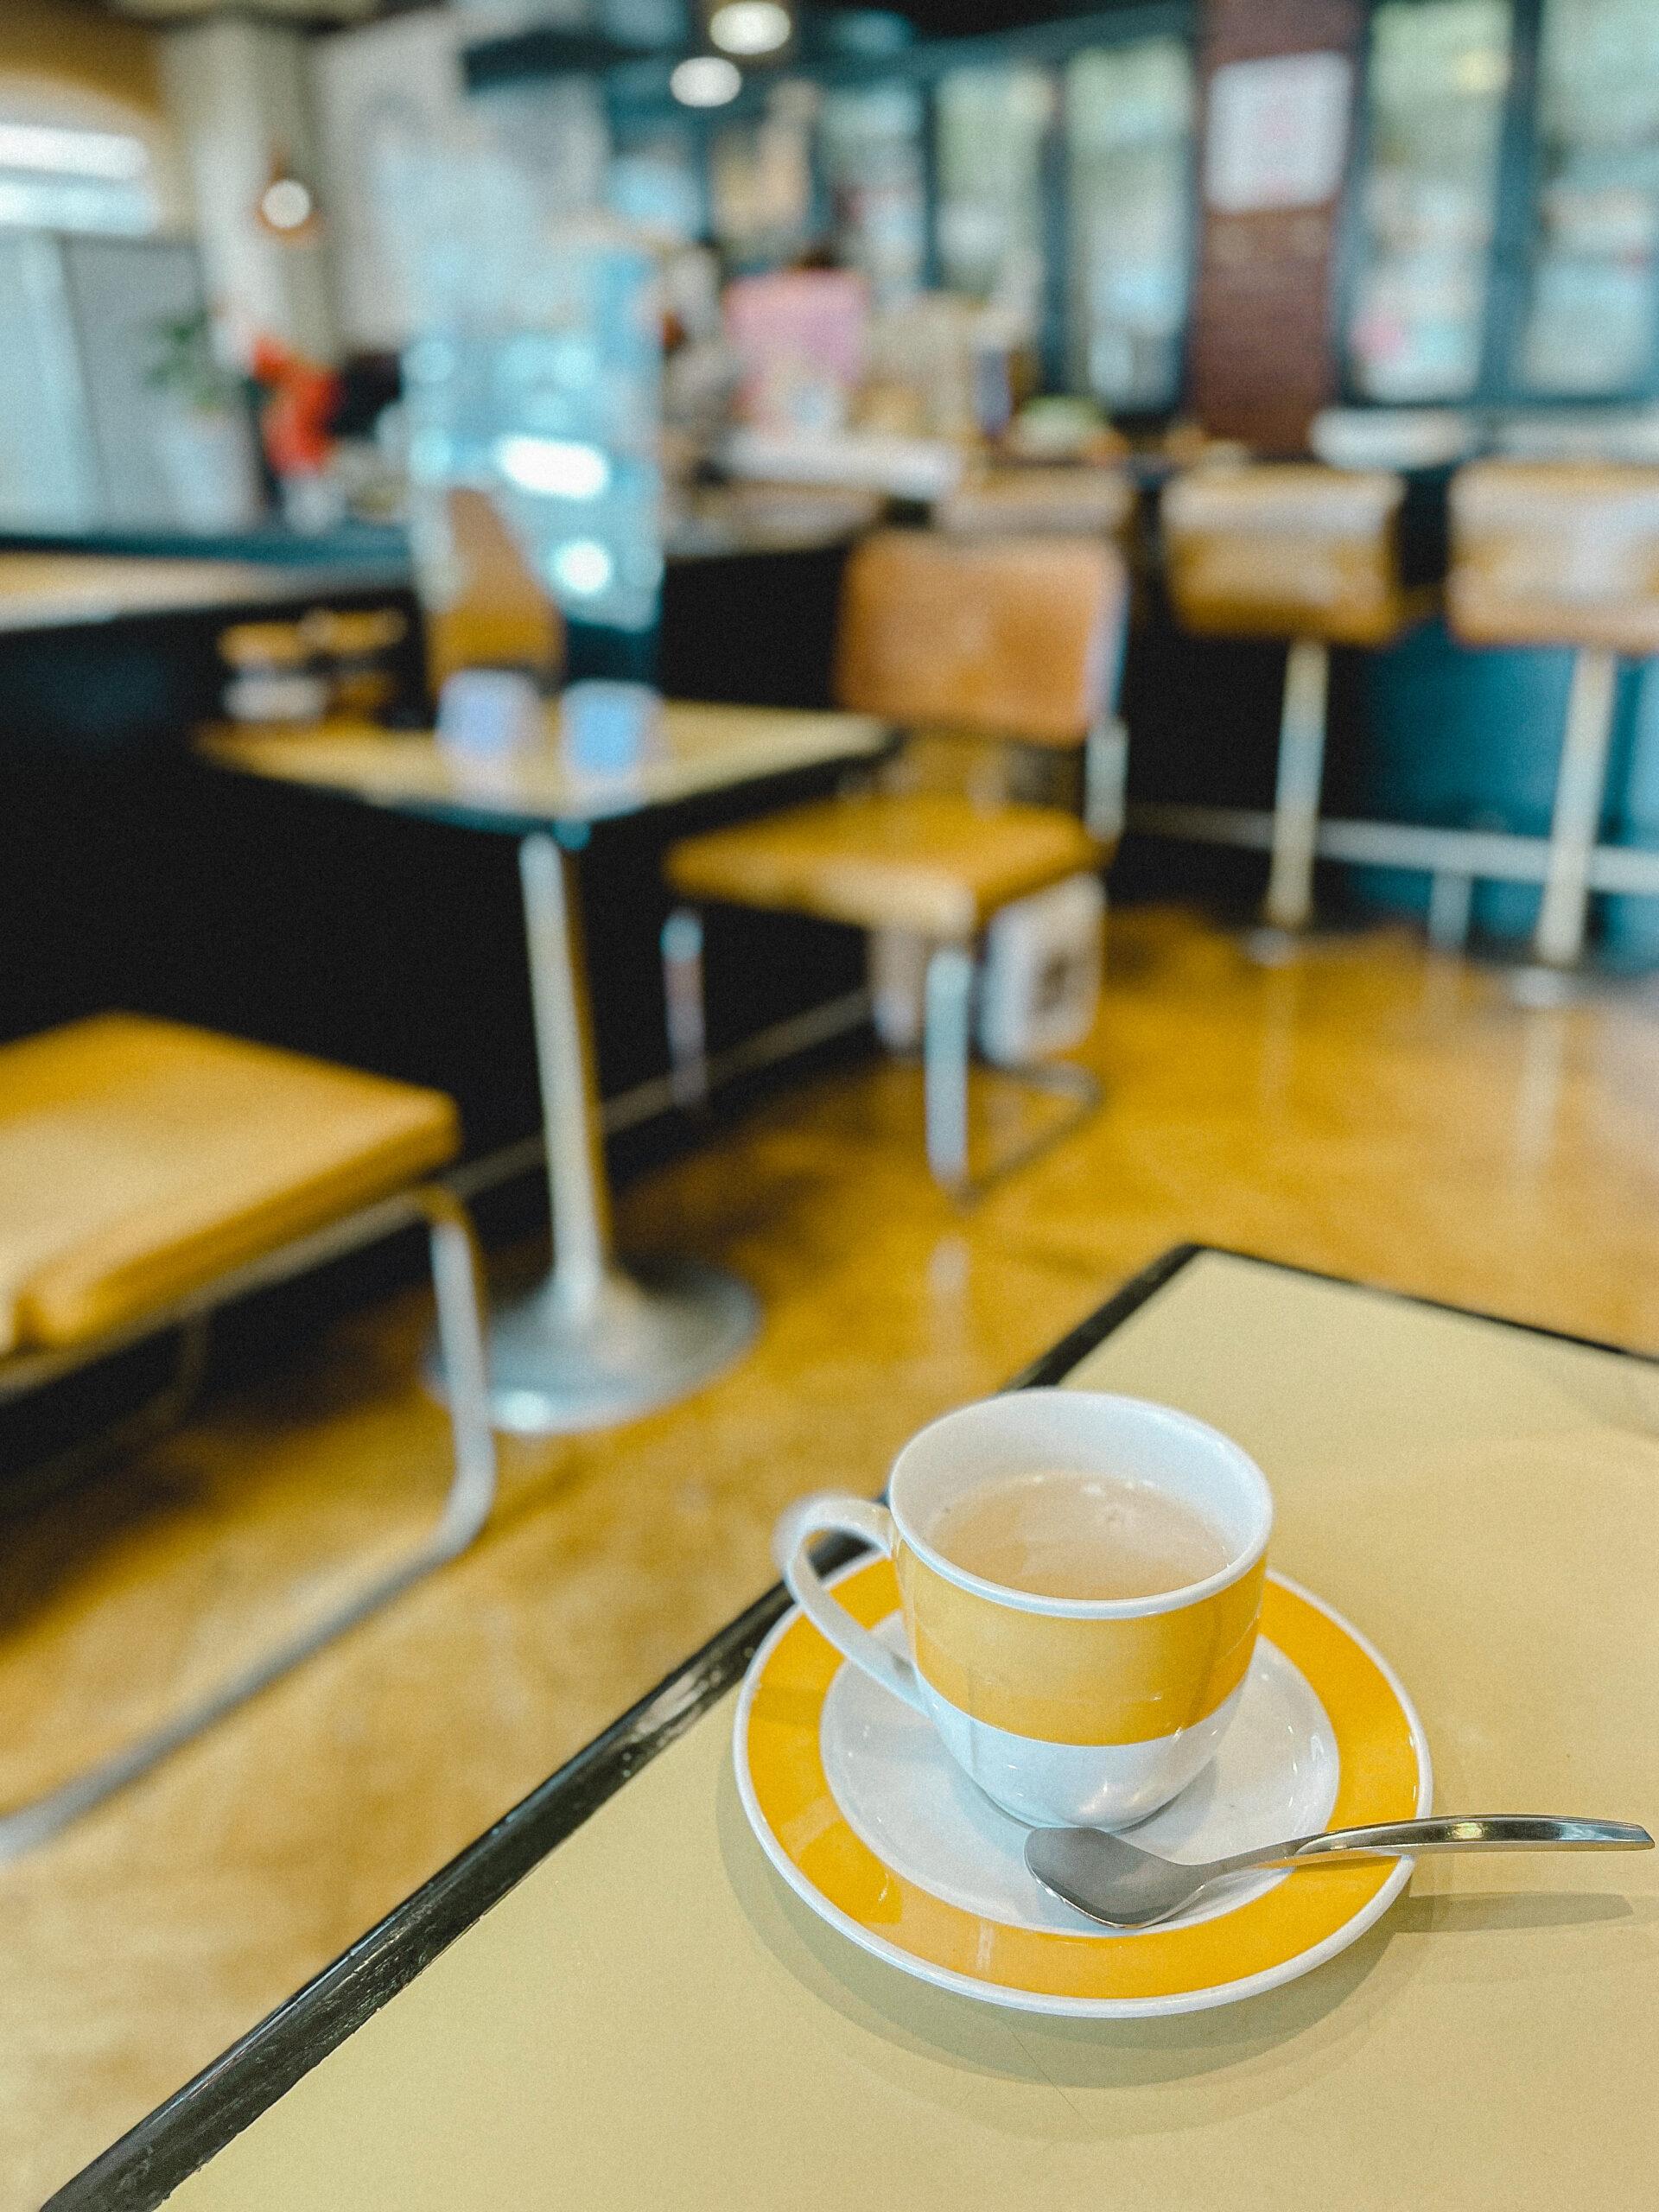 入谷 喫茶店 とみー 浅草 老舗喫茶 純喫茶 喫茶店巡り 東京喫茶店 喫茶店インテリア coffeeshop レトロ建築 東京 入谷カフェ おちつく落ち着くカフェ 静か 打ち合わせ コーヒー ランチ 下町散歩 カフェ巡り ノスタルジック